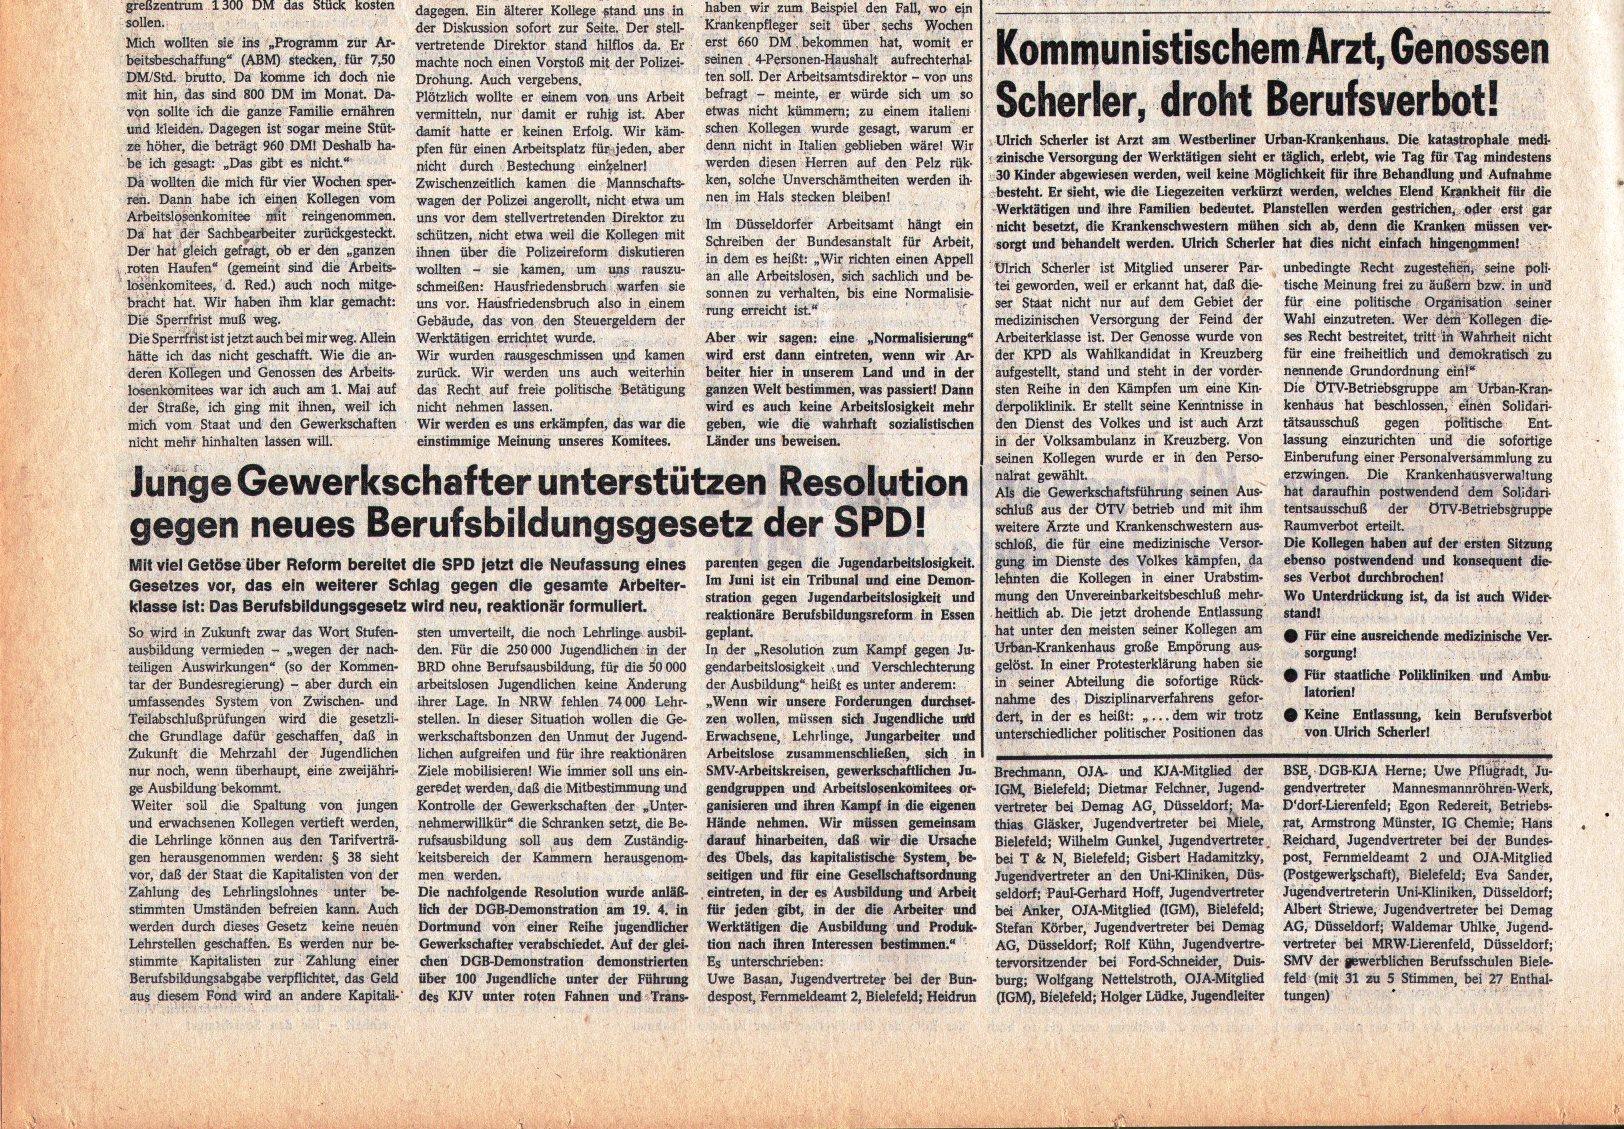 KPD_Rote_Fahne_1975_19_12